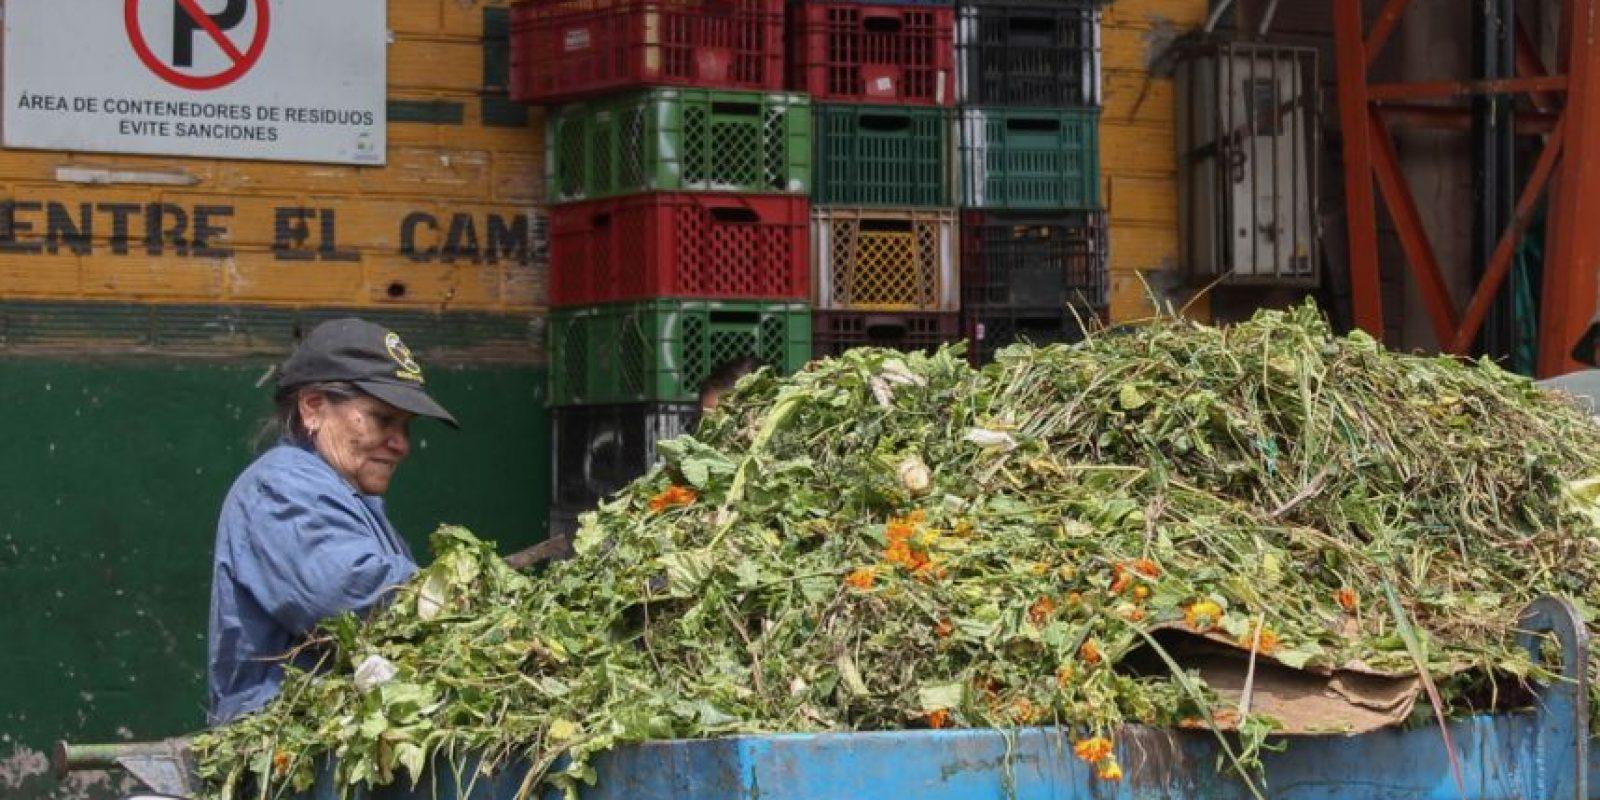 Los 'rebuscadores' de comida llegan desde las ocho o nueve de la mañana a Corabastos. Foto:Sofía Toscano-Publimetro